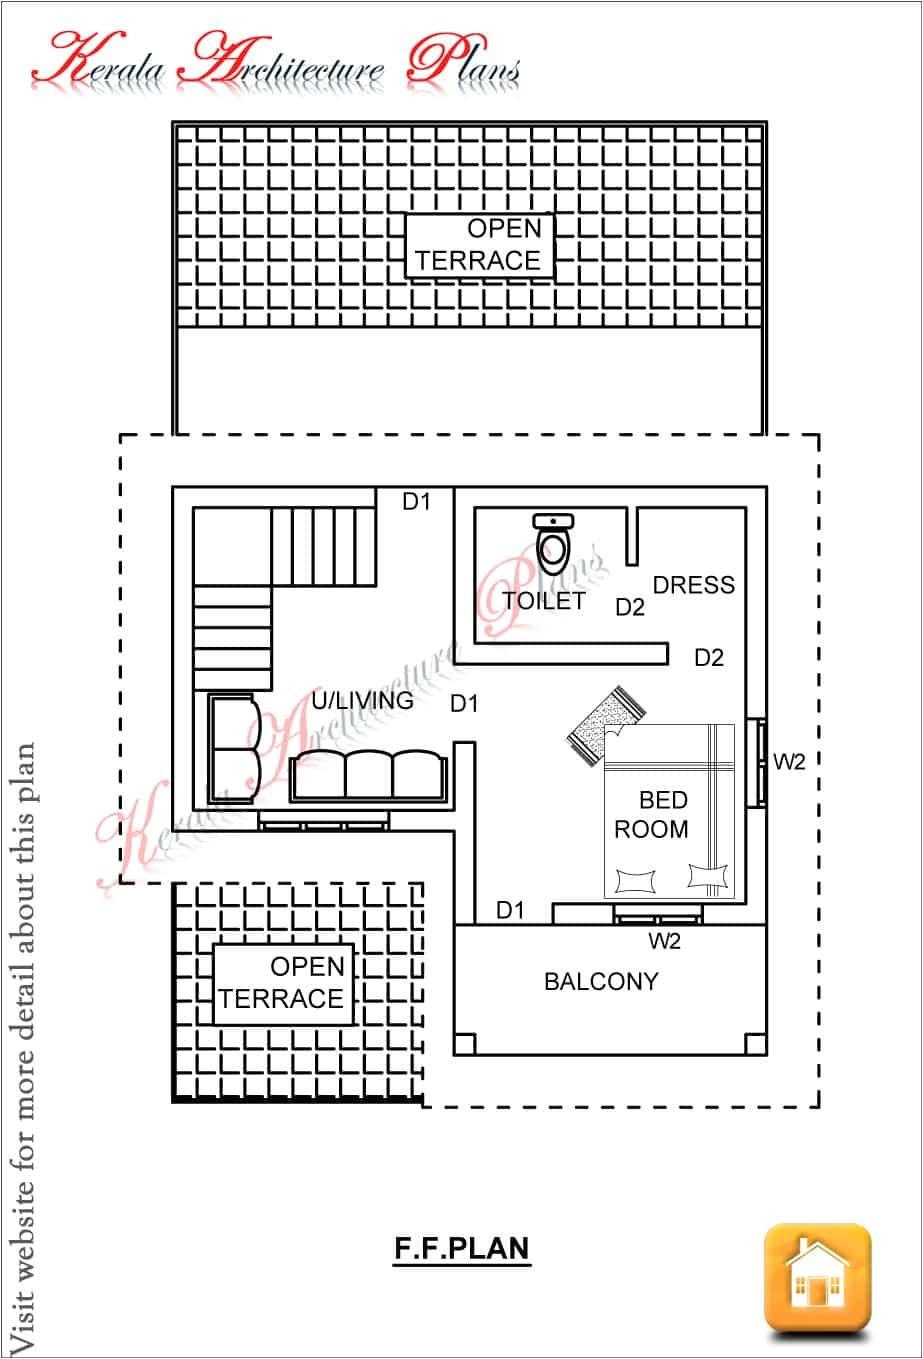 single story kerala house plan at 1200 sq ft